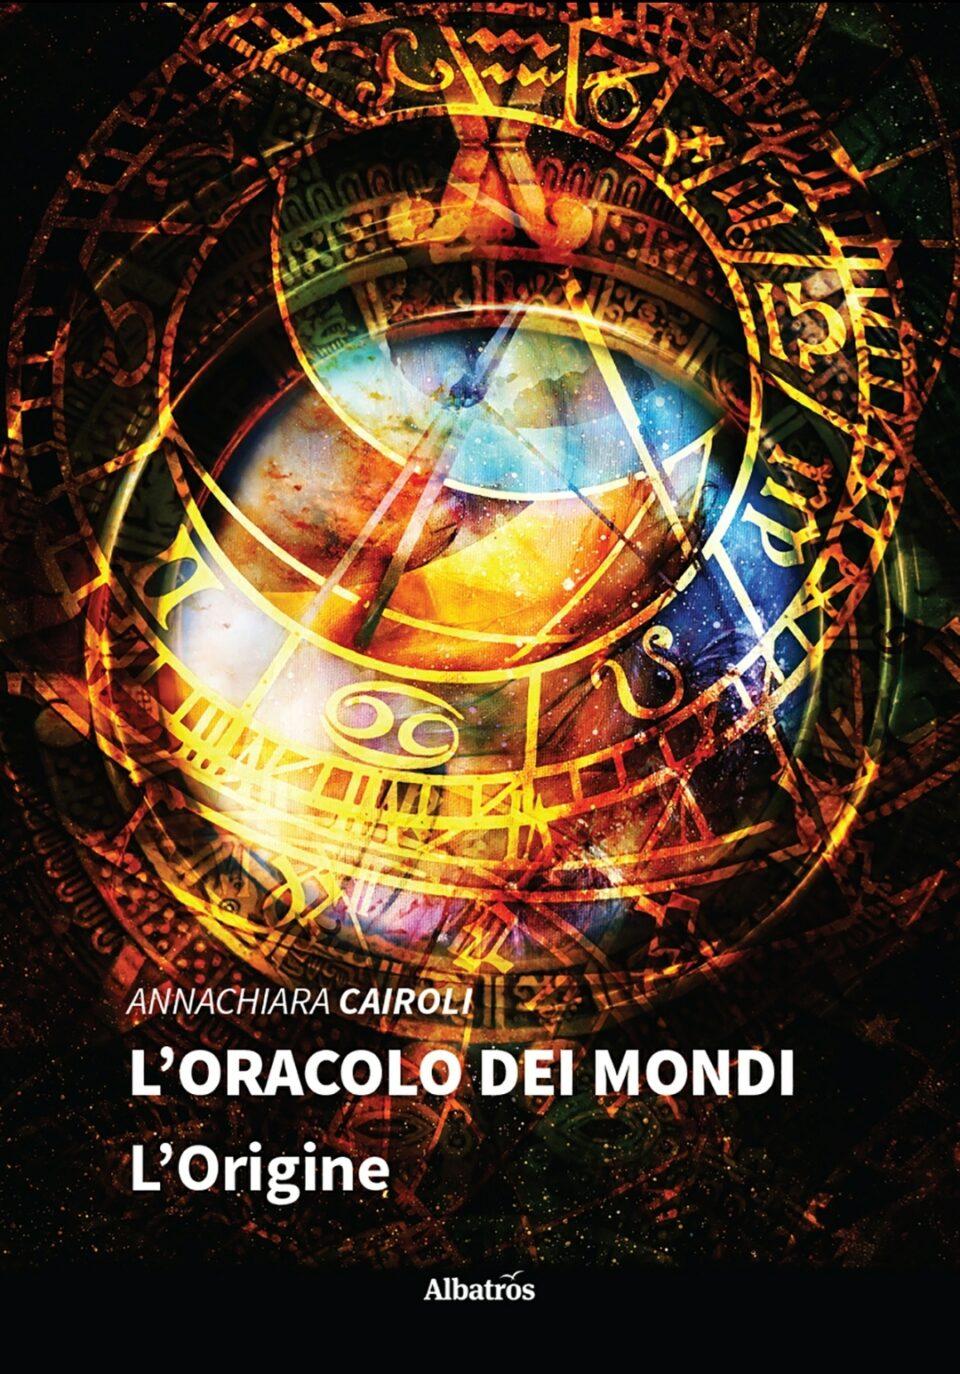 """I personaggi del libro """"L'oracolo dei mondi: L'origine"""""""